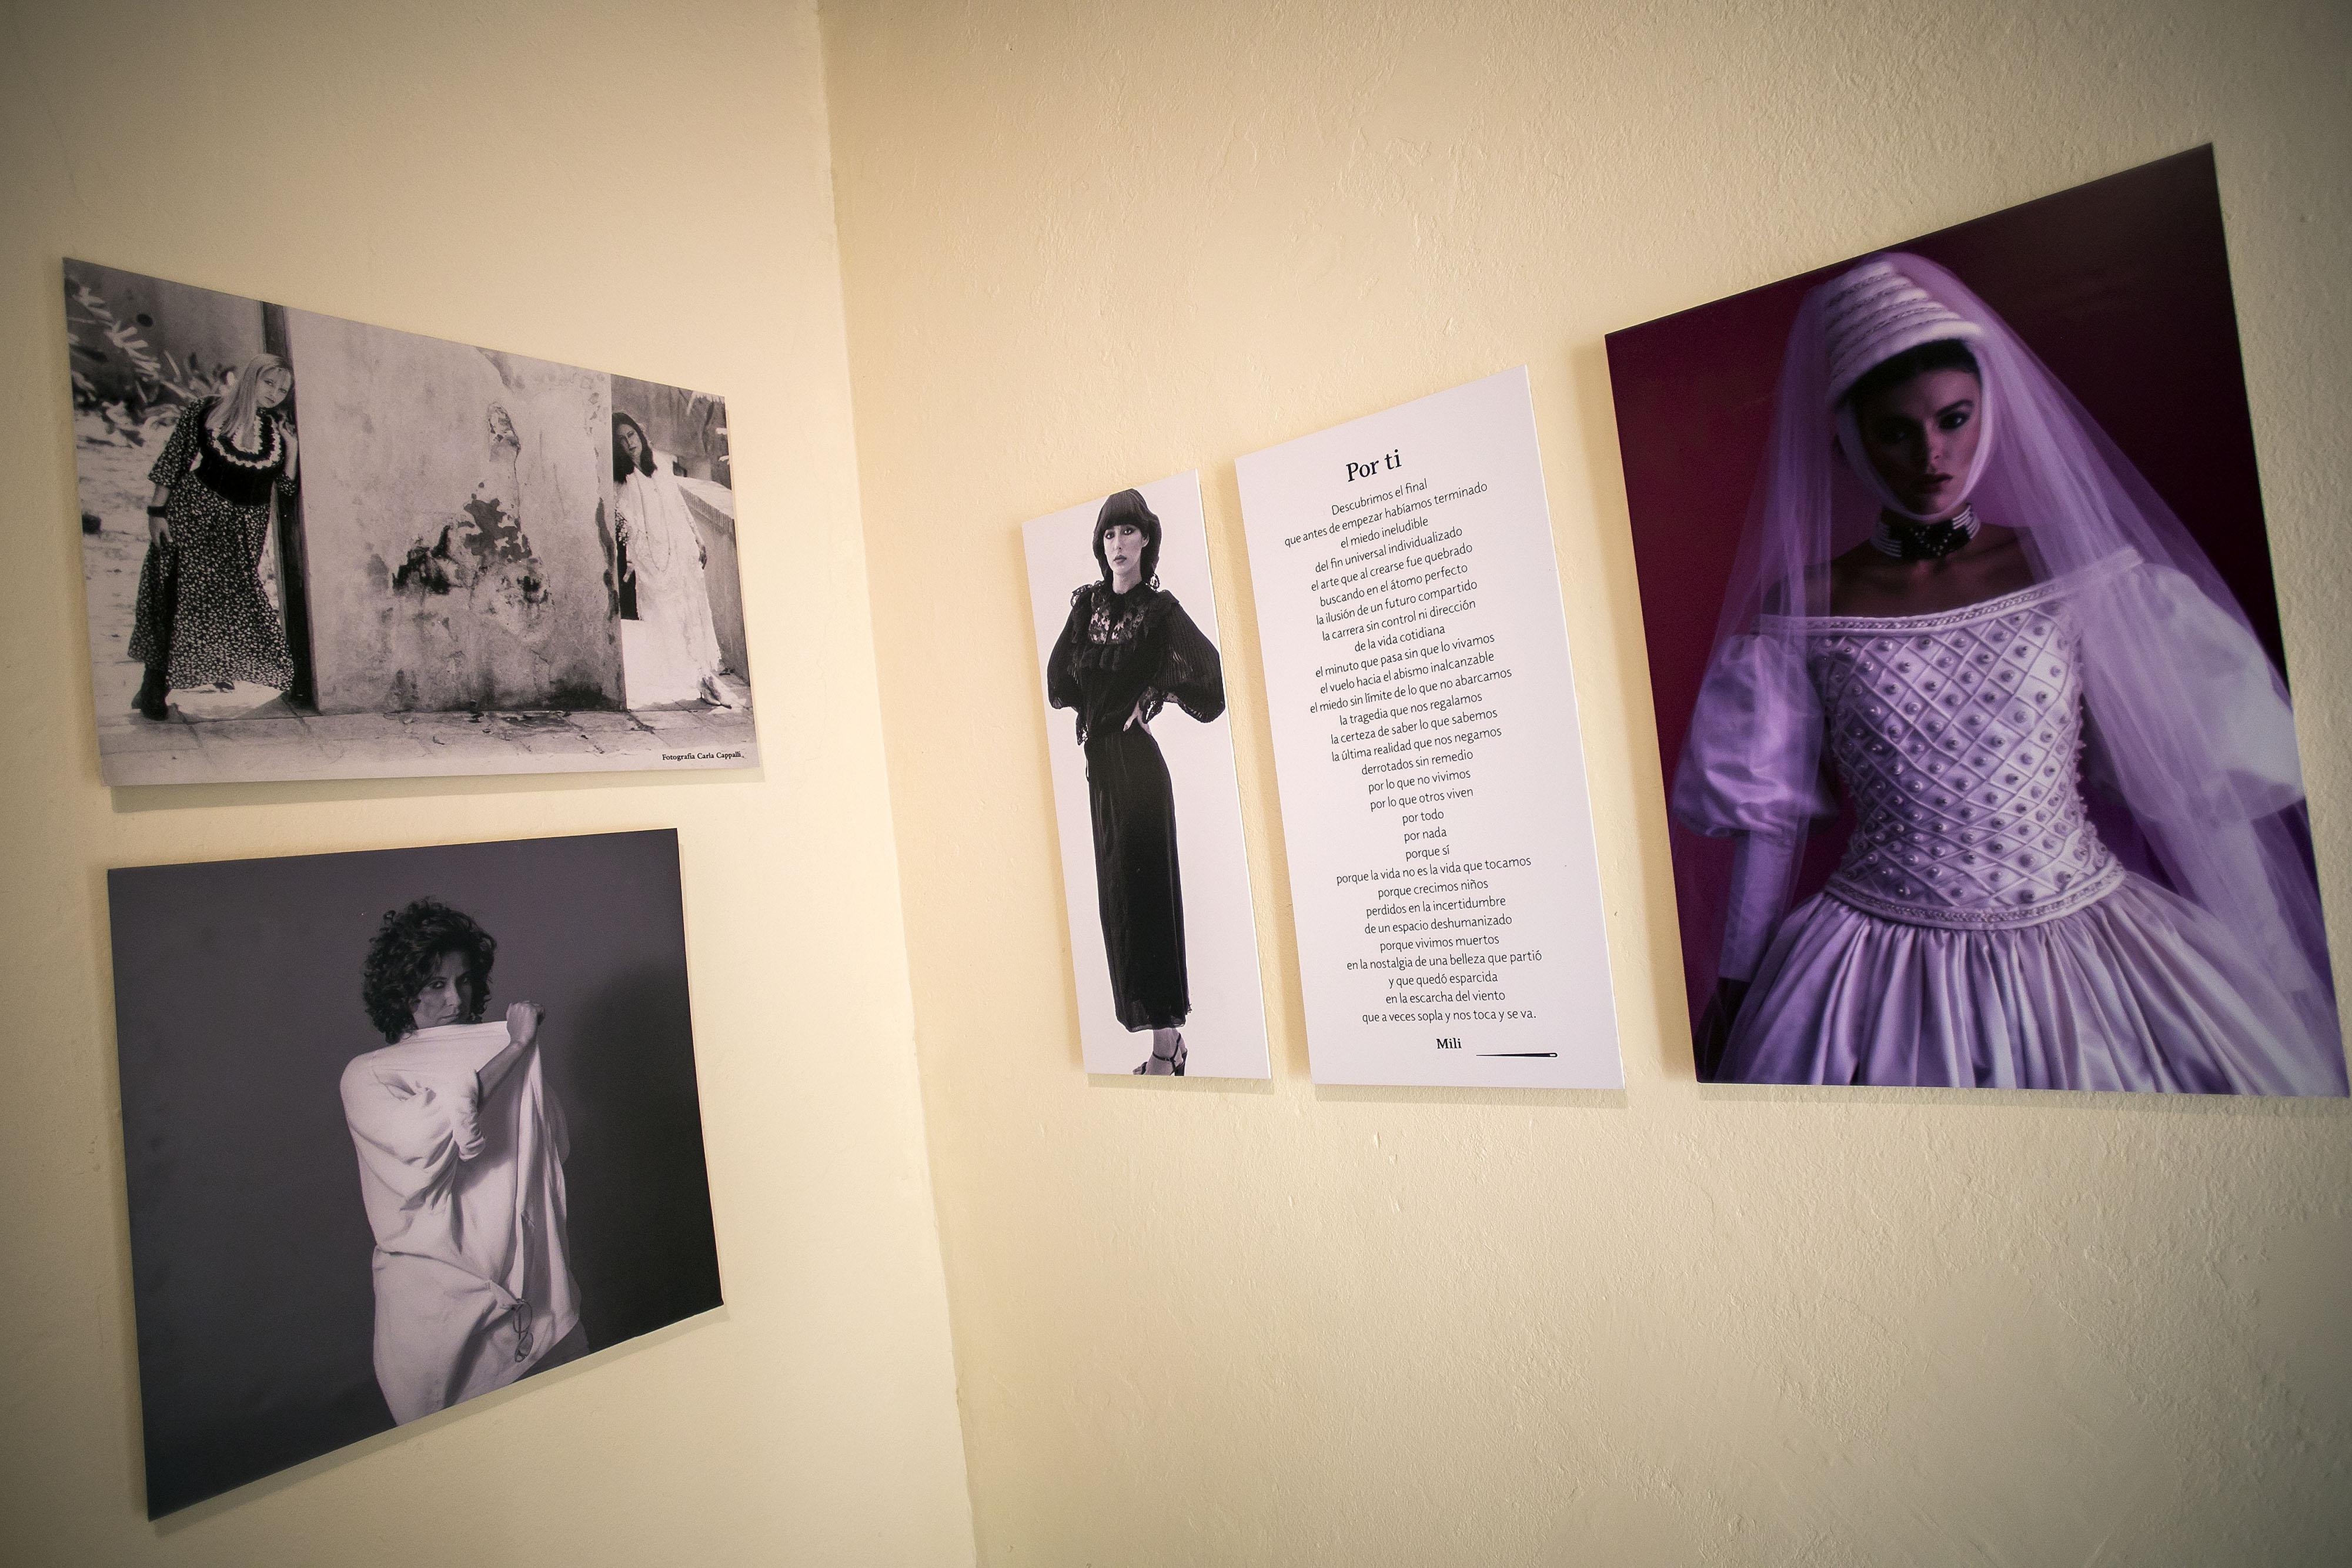 """La exposición es una continuación del libro """"Mujer Mili Milagros"""" que publicó a finales del año pasado. (Foto: Xavier García)"""